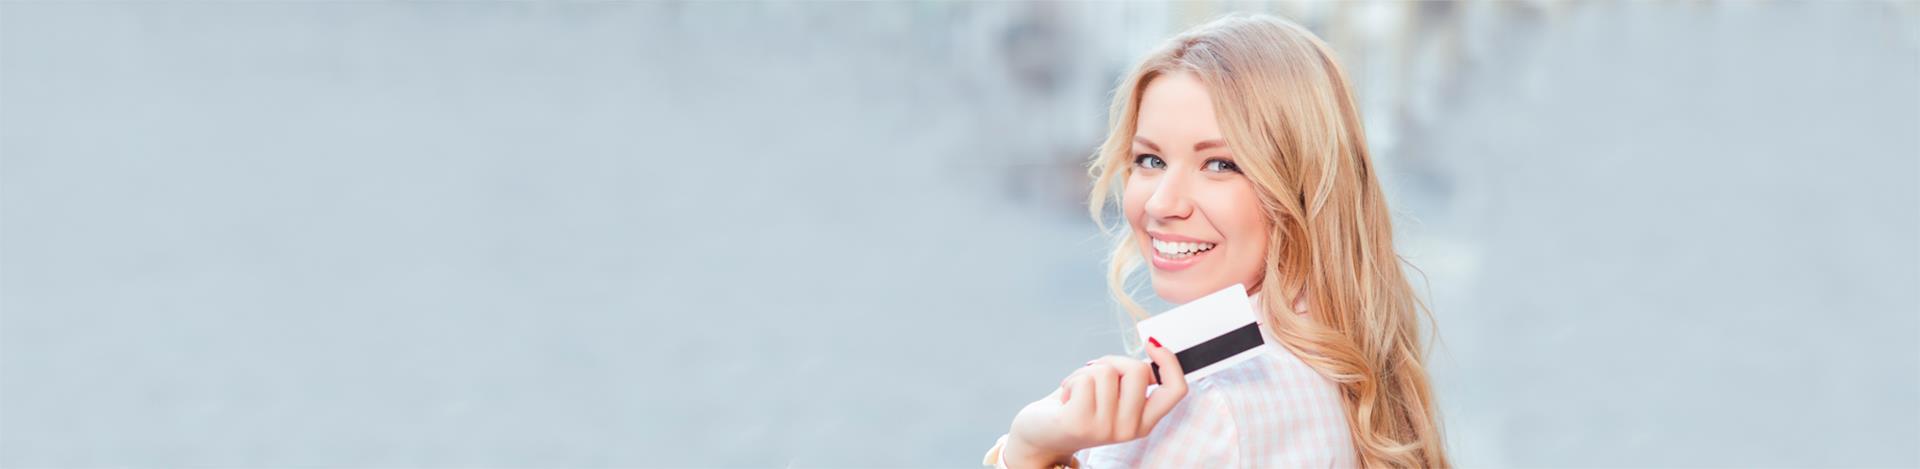 salon app image